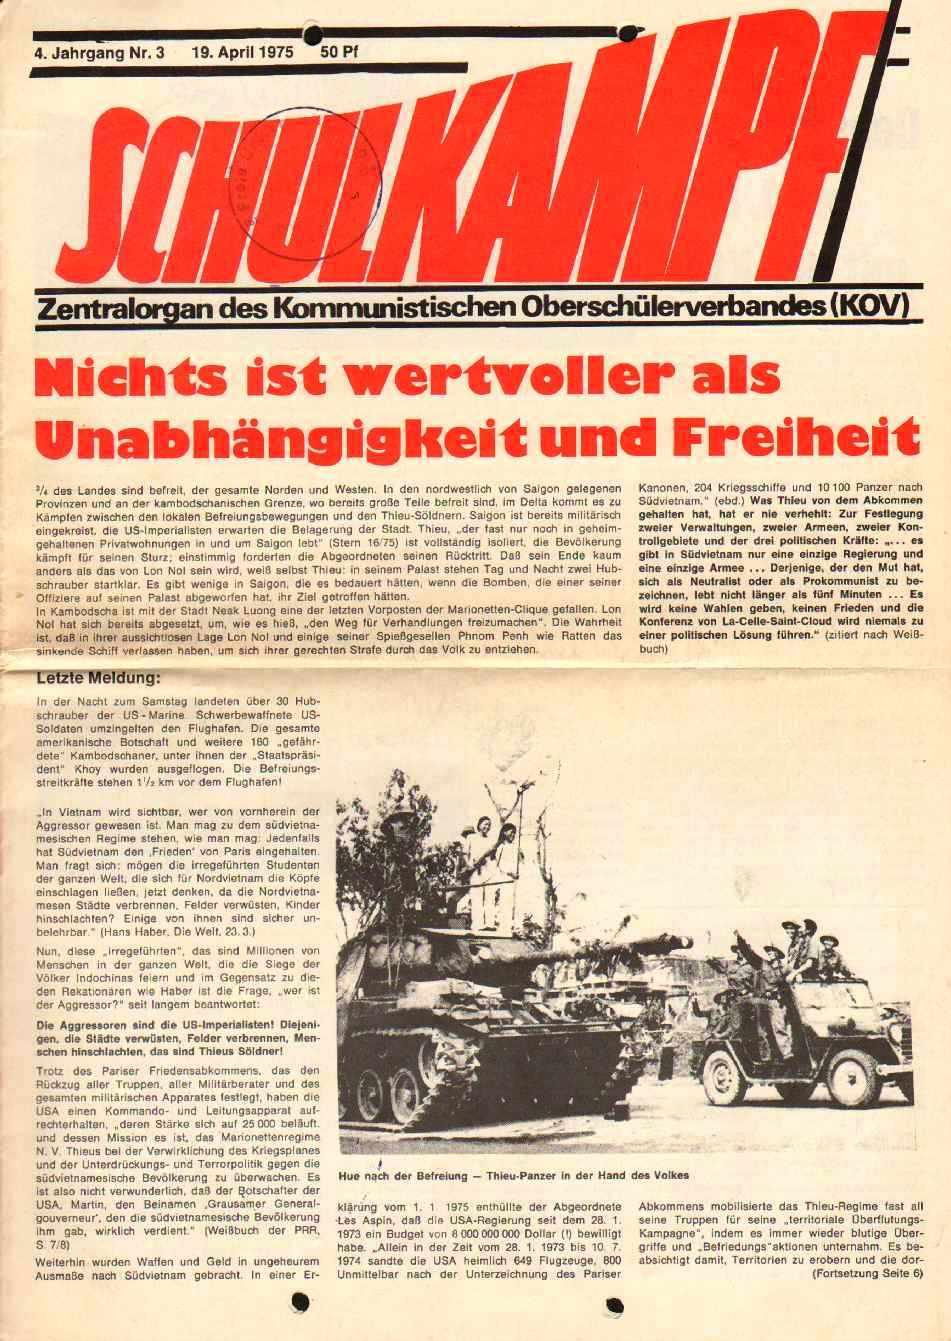 KOV_Schulkampf169